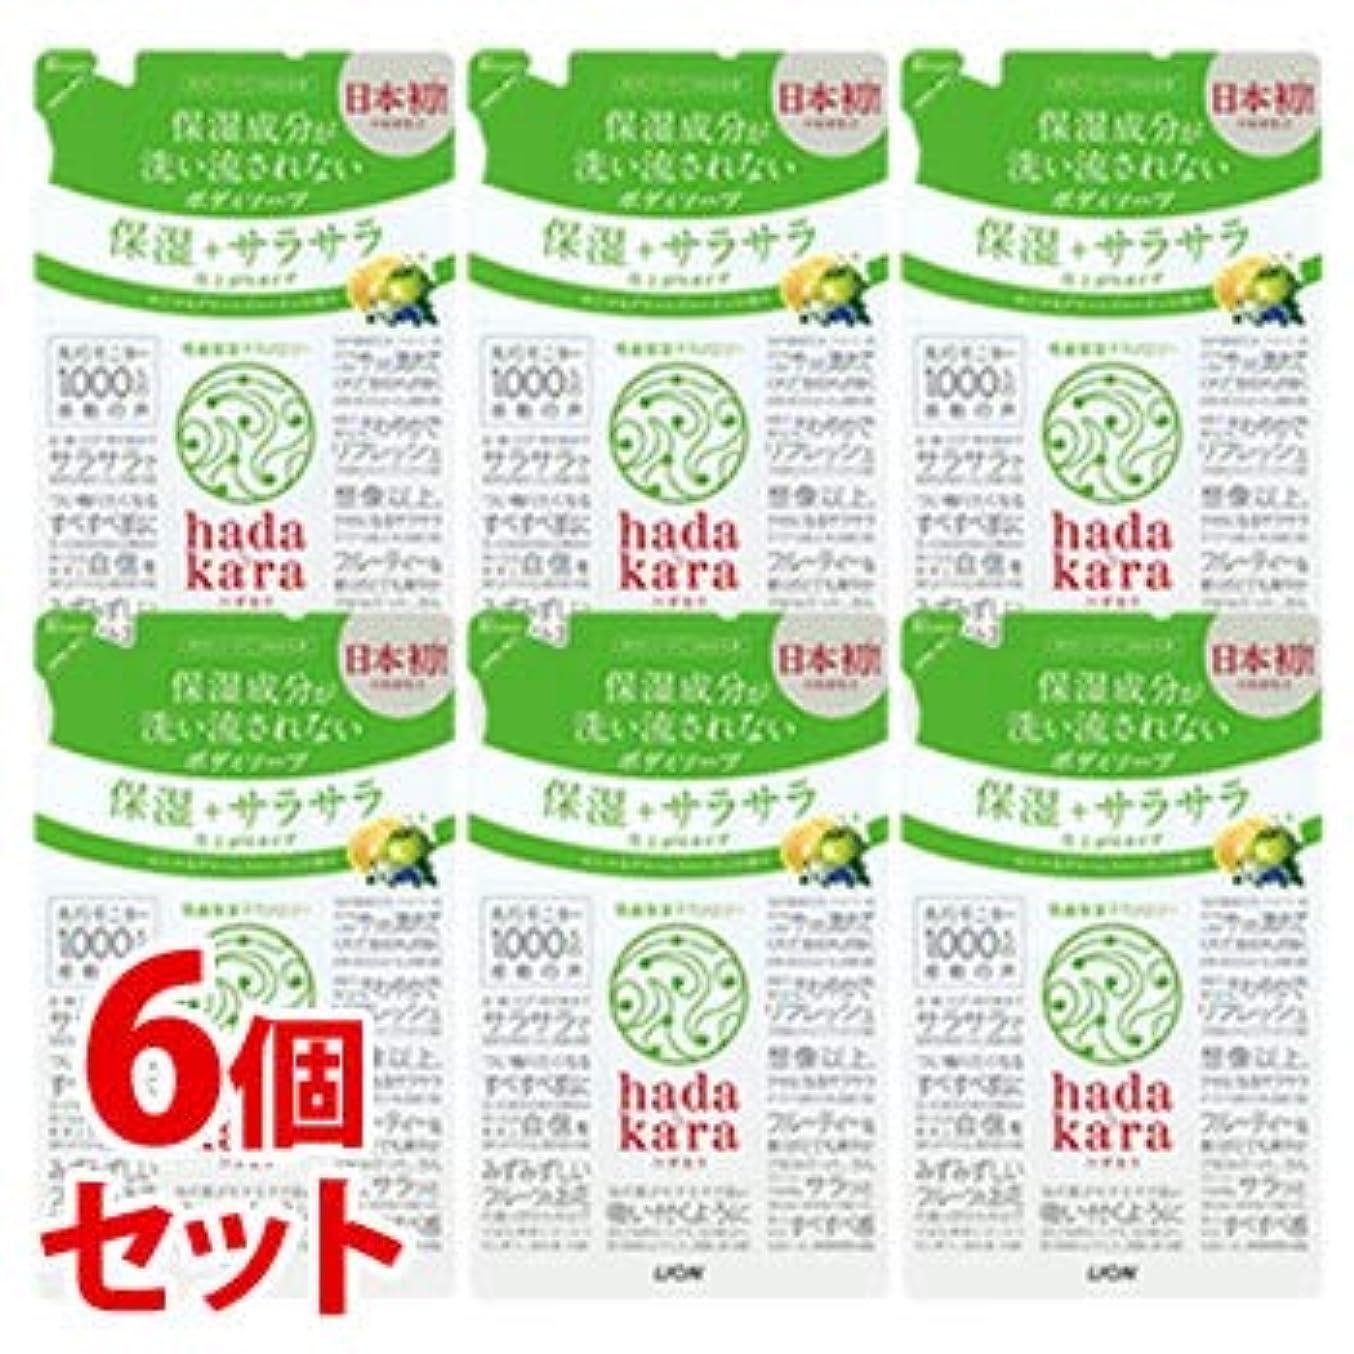 スキム厳ホイスト《セット販売》 ライオン ハダカラ hadakara ボディソープ 保湿+サラサラ仕上がりタイプ グリーンフルーティの香り つめかえ用 (340mL)×6個セット 詰め替え用